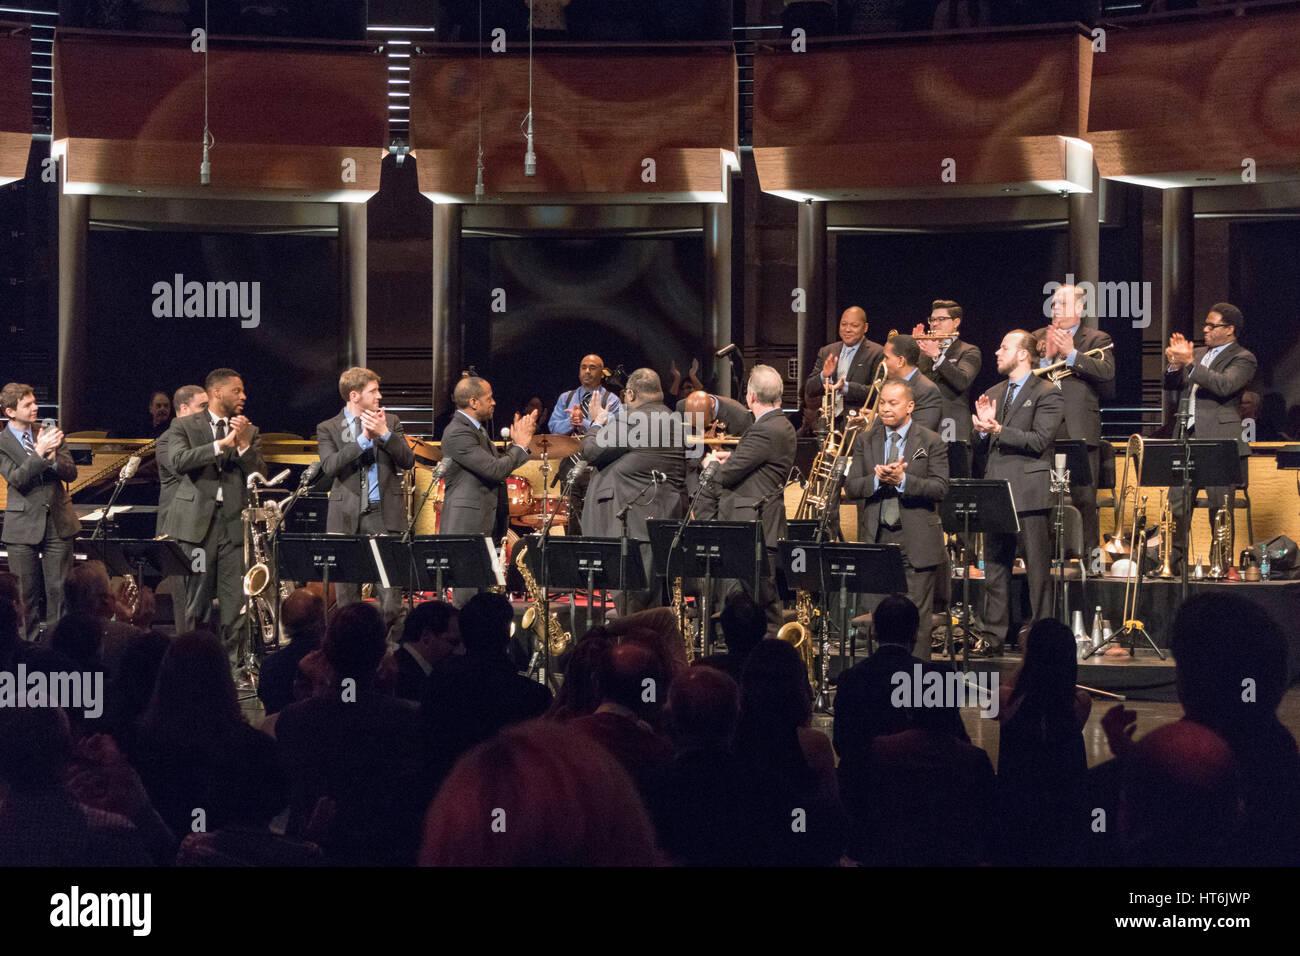 Jazz der 50er Jahre: überfüllt mit Stil-Konzert, Jazz beim Lincoln Center Orchestra, Chris Crenshaw, Musikdirektor, Stockfoto